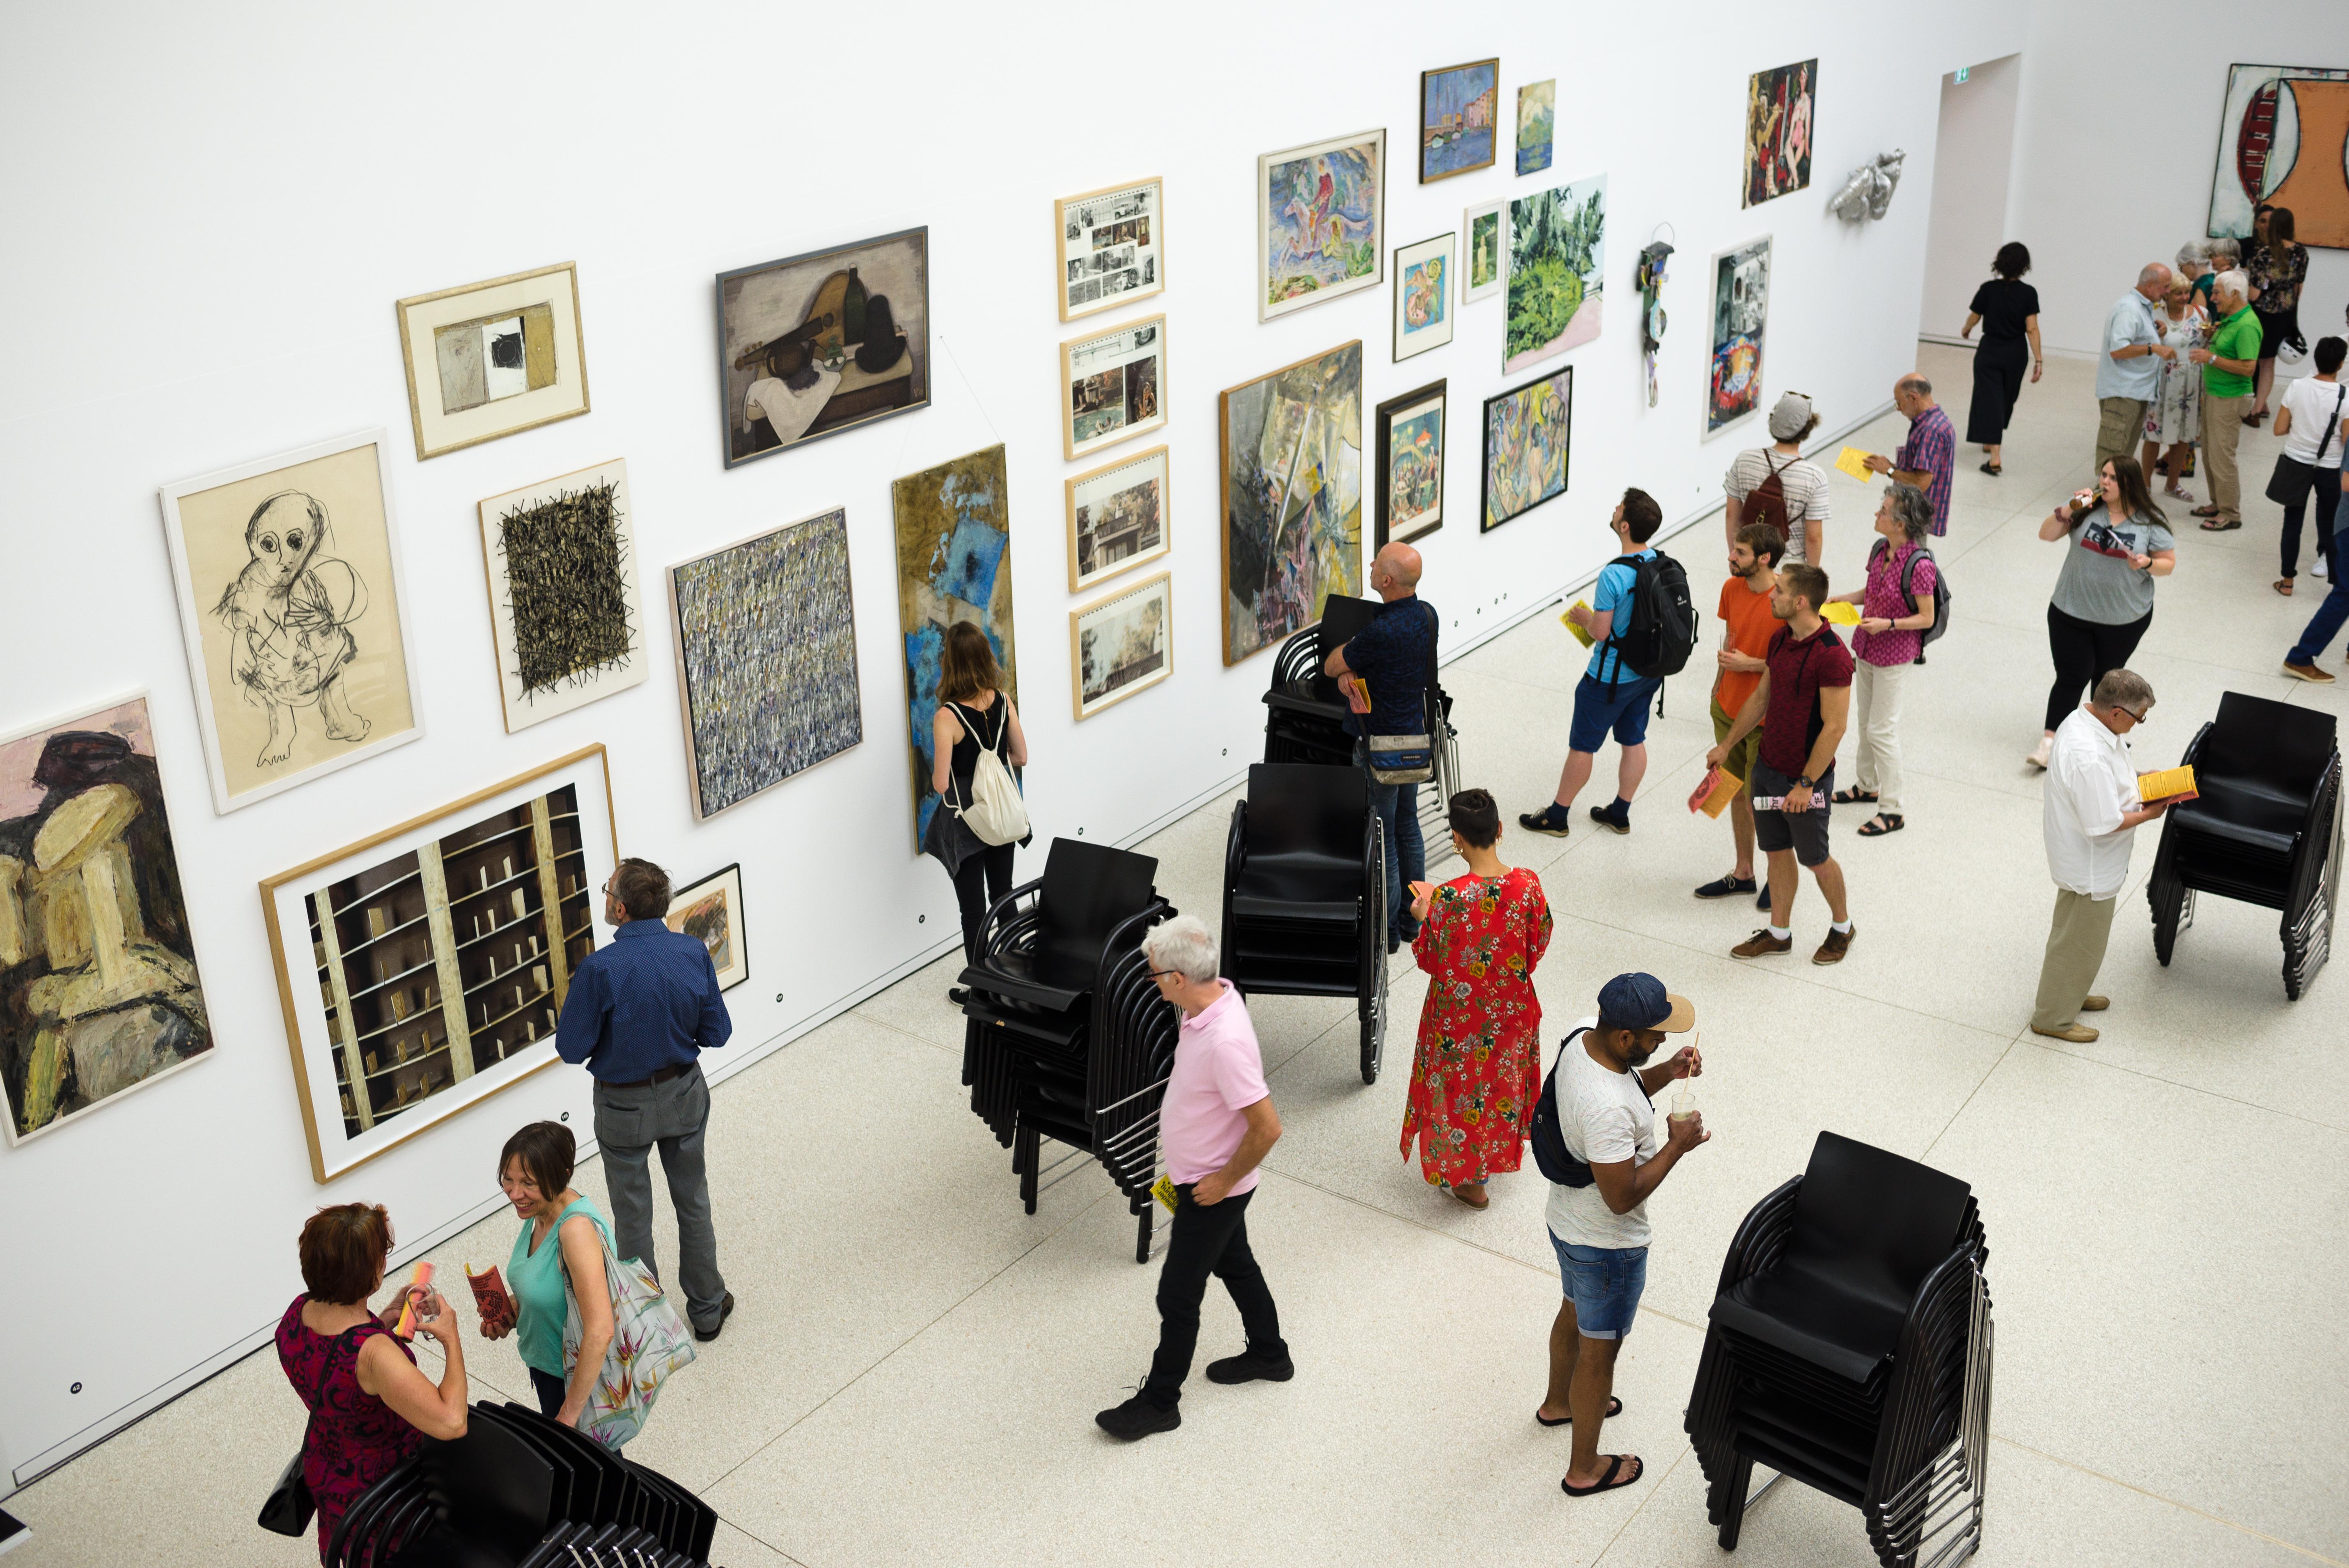 In der Mitgliederausstellung findet sich Kunst vieler verschiedener Epochen. Foto: Nicolaus Niebylski